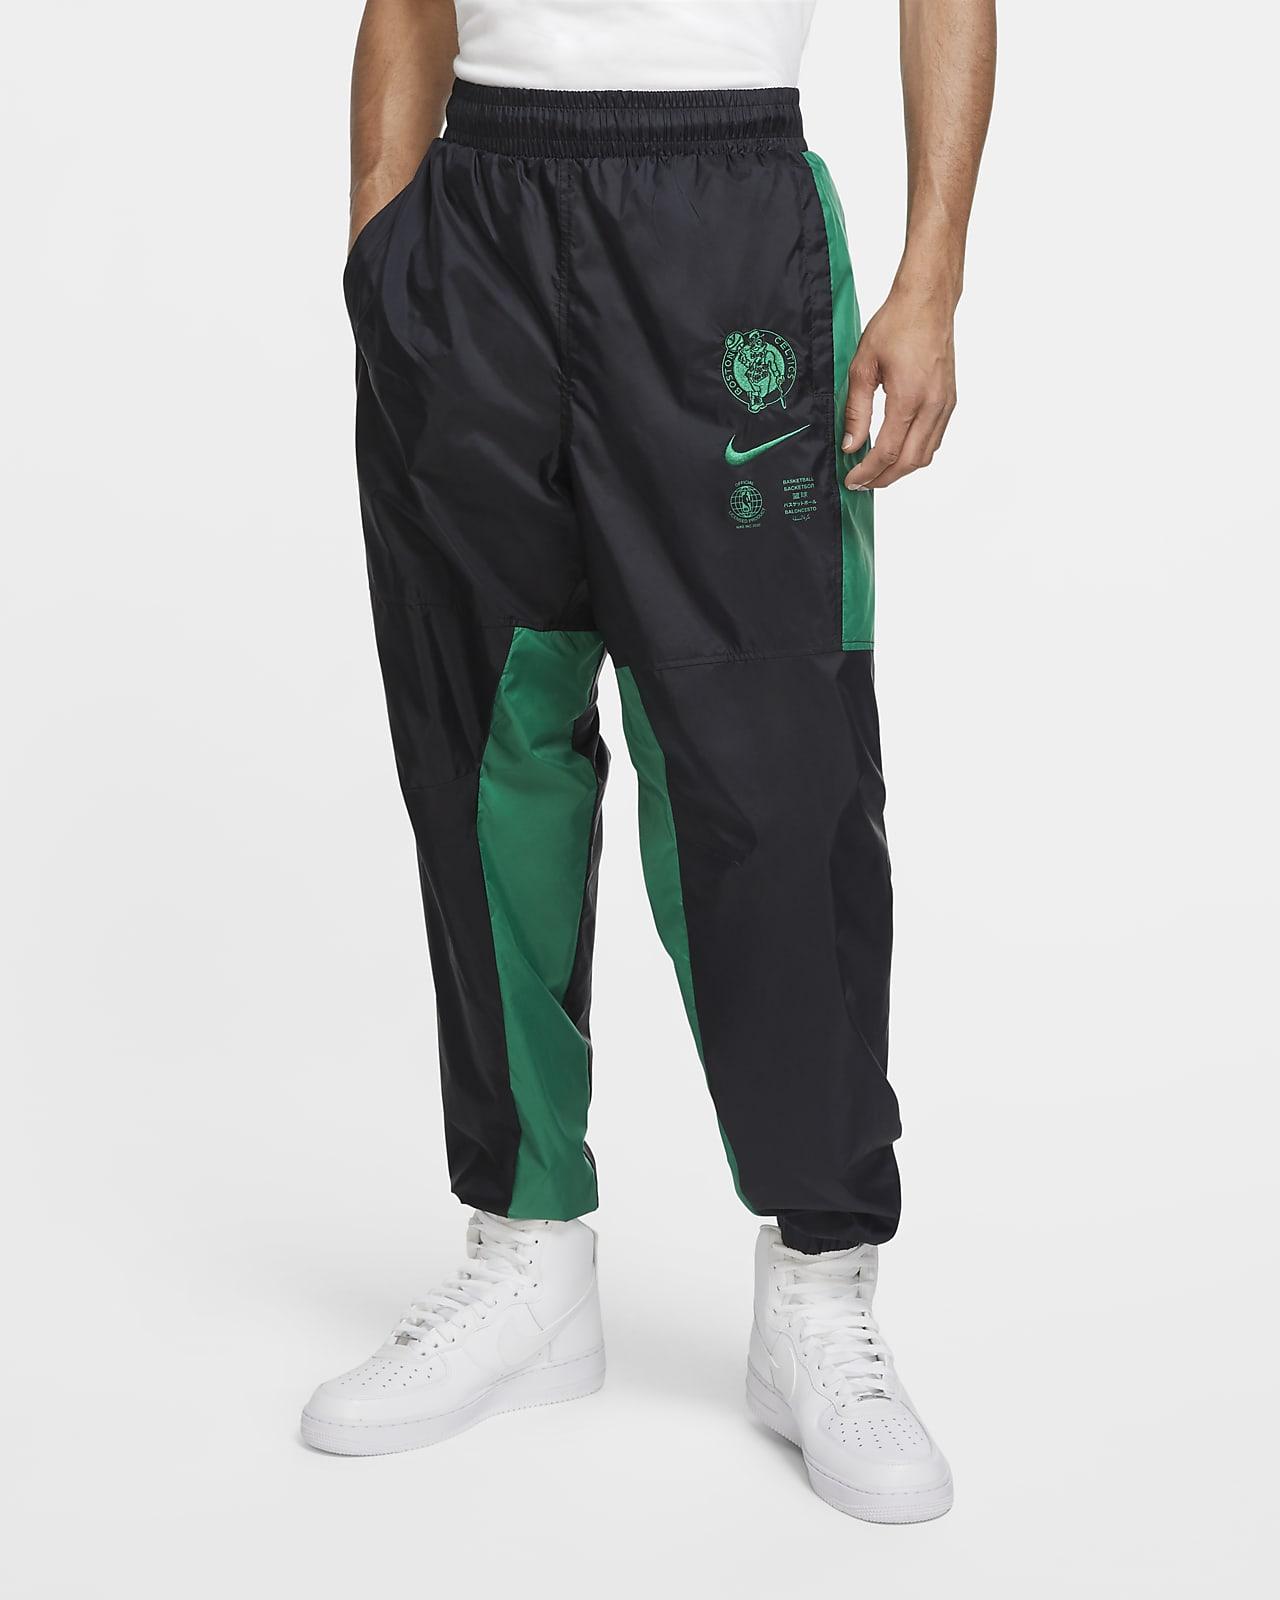 Boston Celtics Courtside Men's Nike NBA Tracksuit Pants